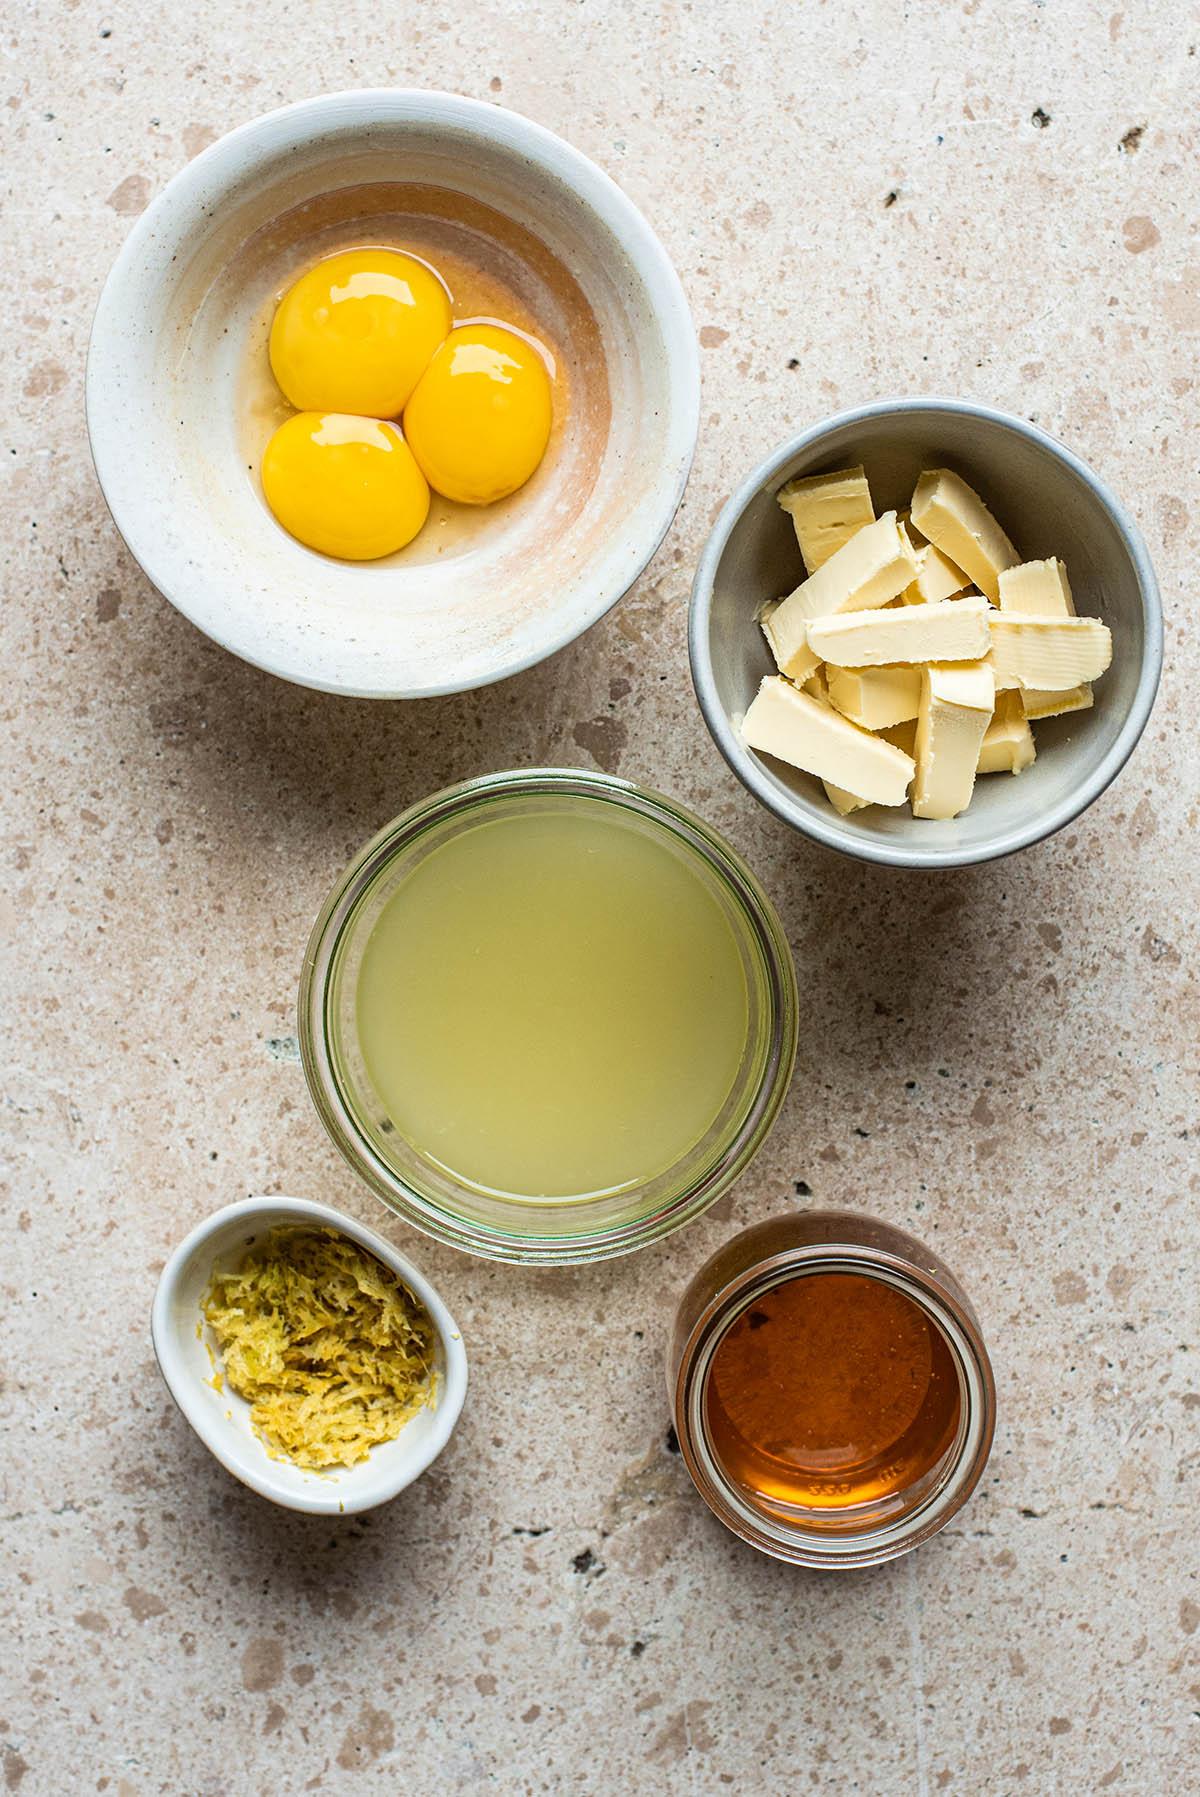 Honey lemon curd ingredients: three egg yolks, vegan butter, lemon juice, honey, and lemon zest.